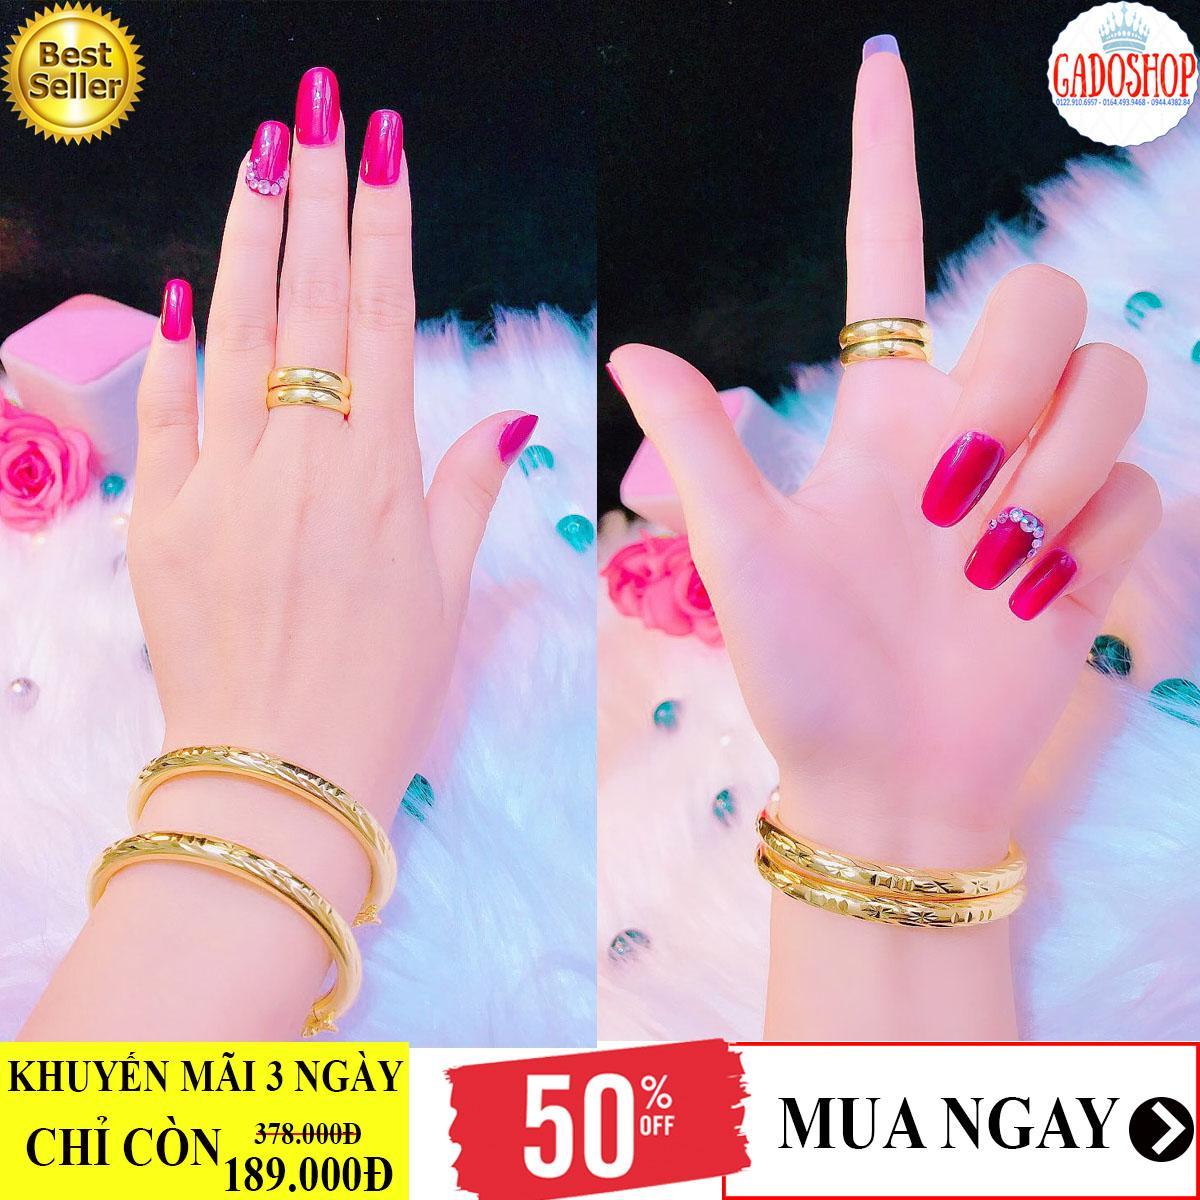 [SIÊU GIẢM GIÁ]Bộ trang sức mạ vàng 18k Trang sức Gami VB201111948 - dùng đi tiệc cực kì sang chảnh